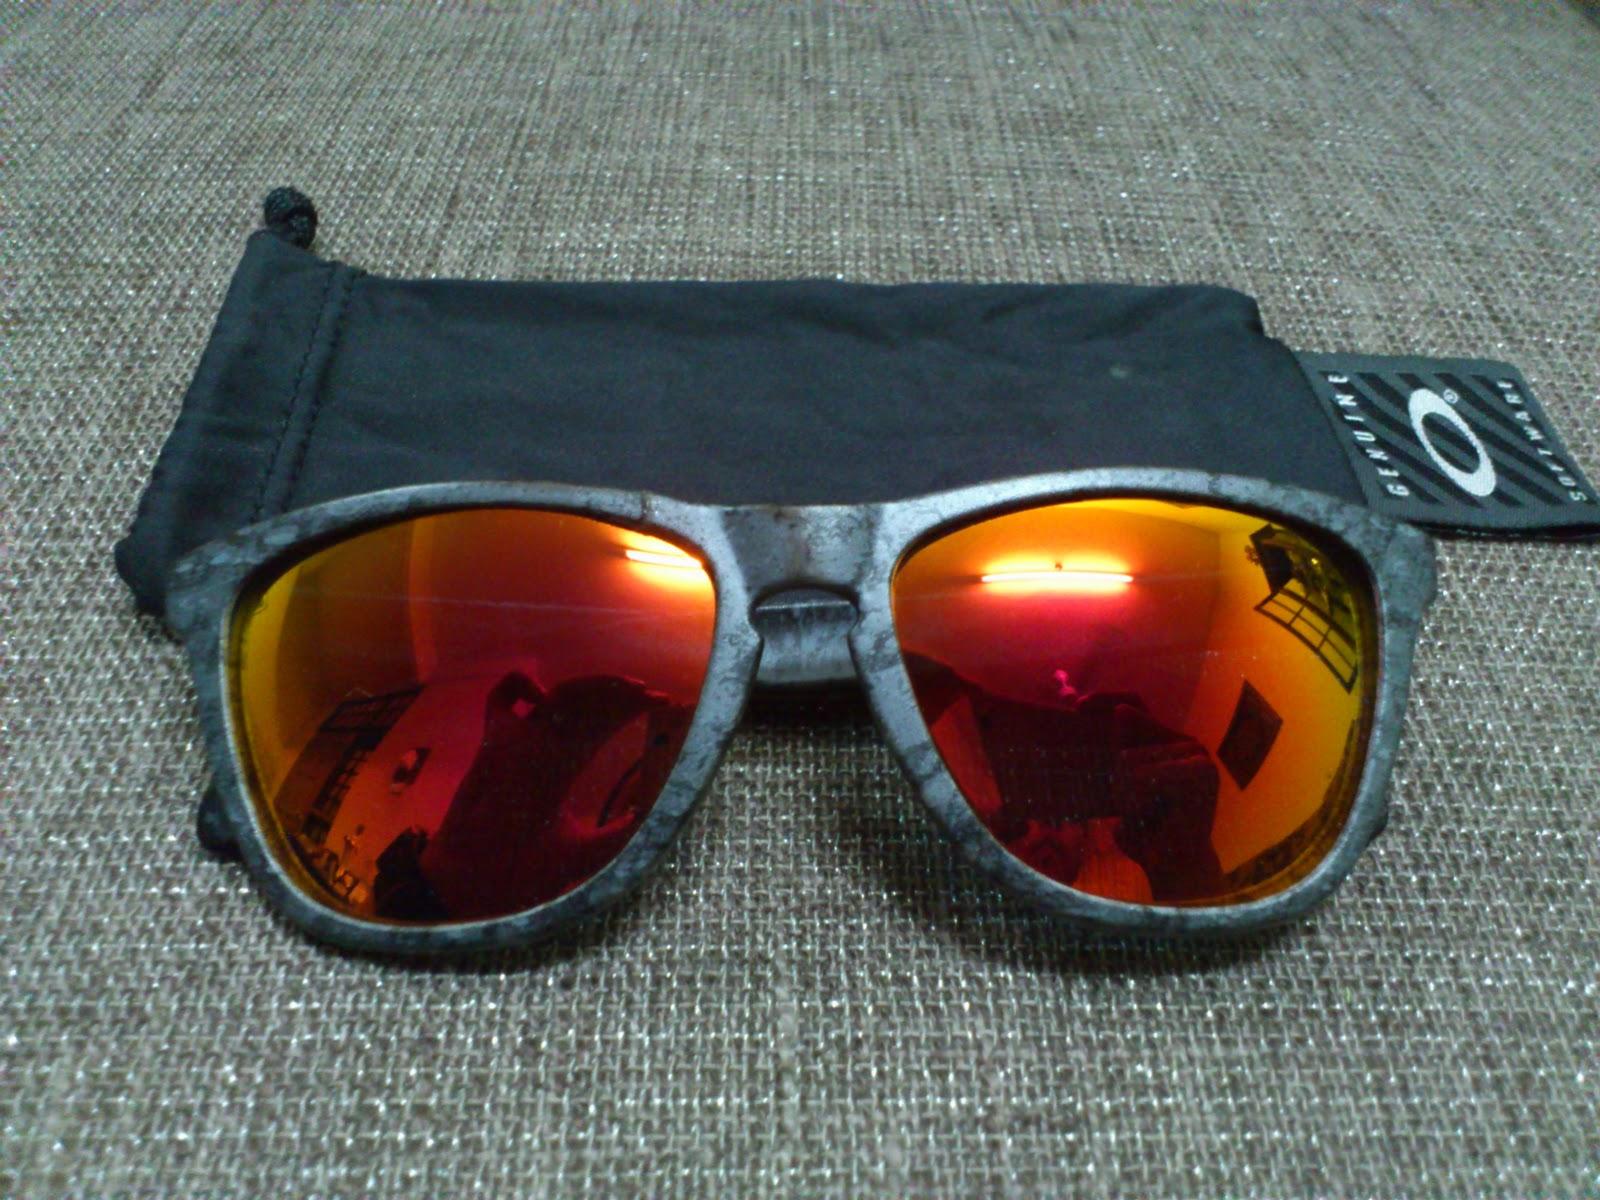 e81fa6503ba Oakley Frogskins Fire Red